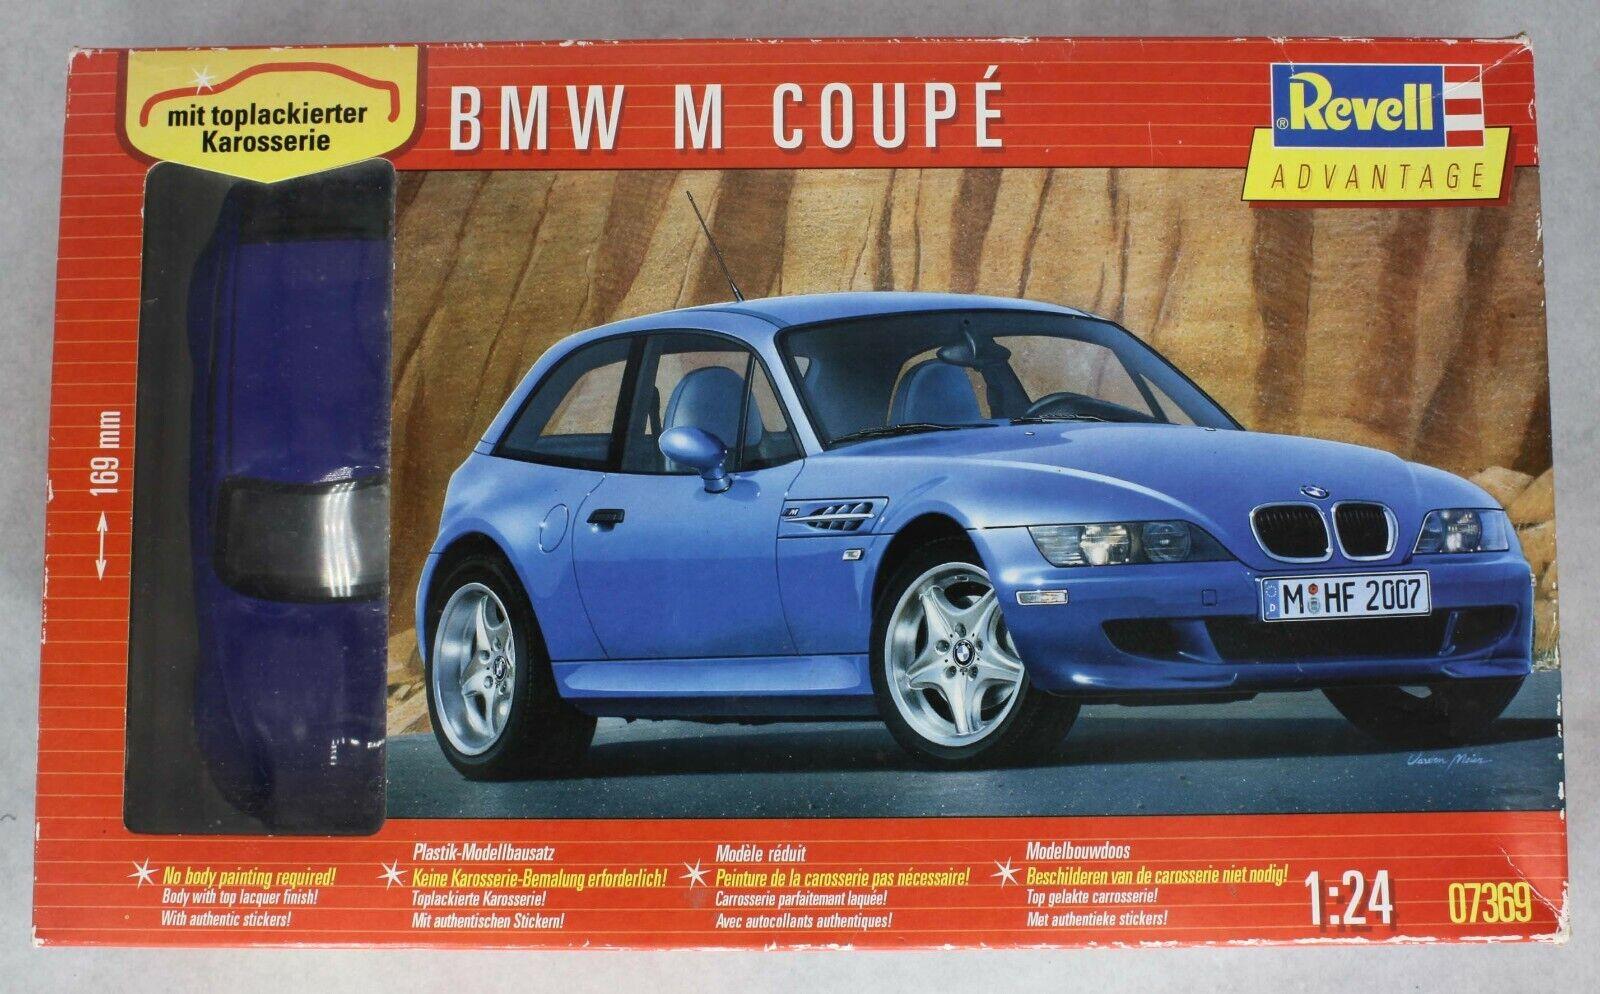 BMW z3 M Coupé REVELL 124 KIT 07369